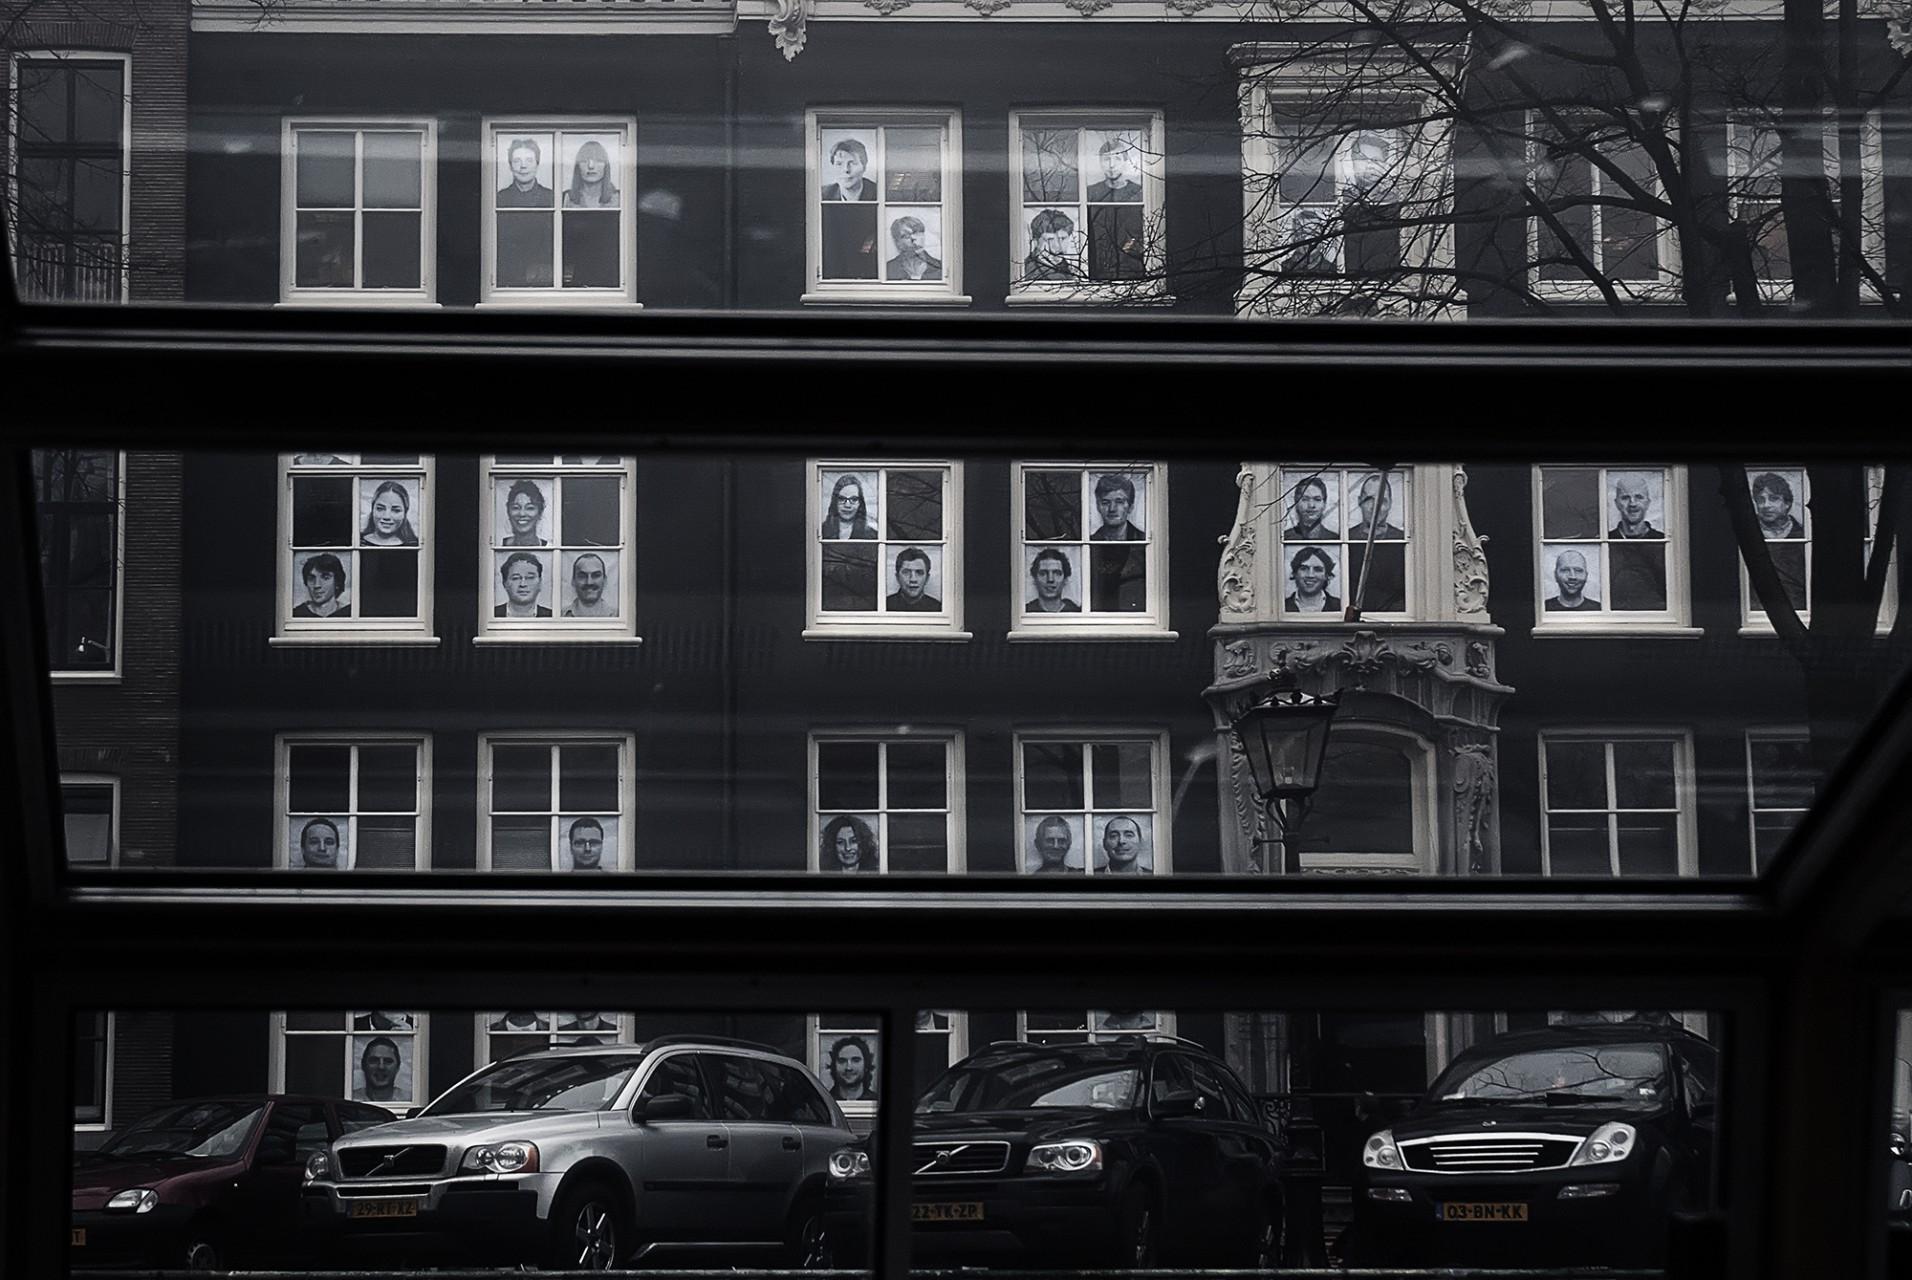 08 Amsterdam - Look me